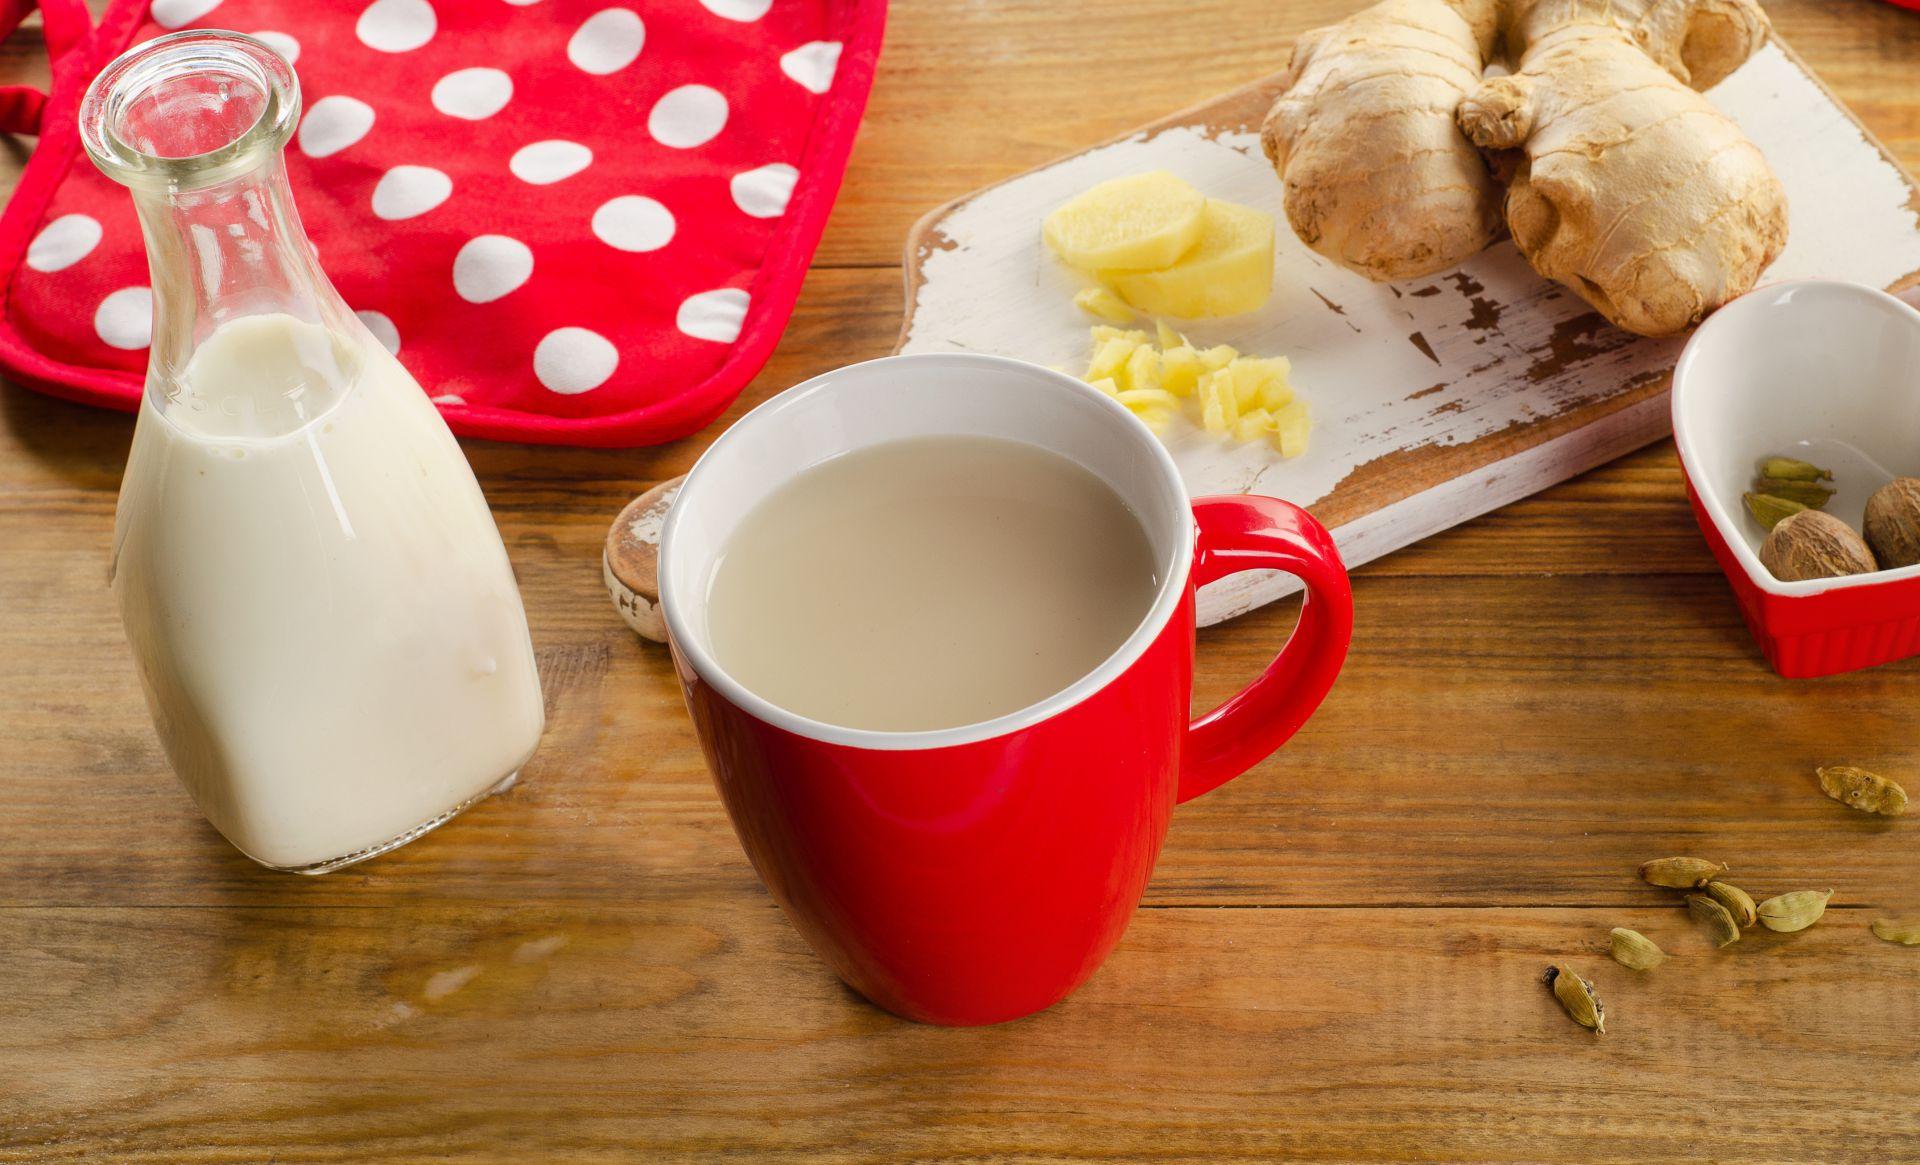 Rempah-rempah yang Bisa Dipadukan dengan Susu untuk Daya Tahan Tubuh